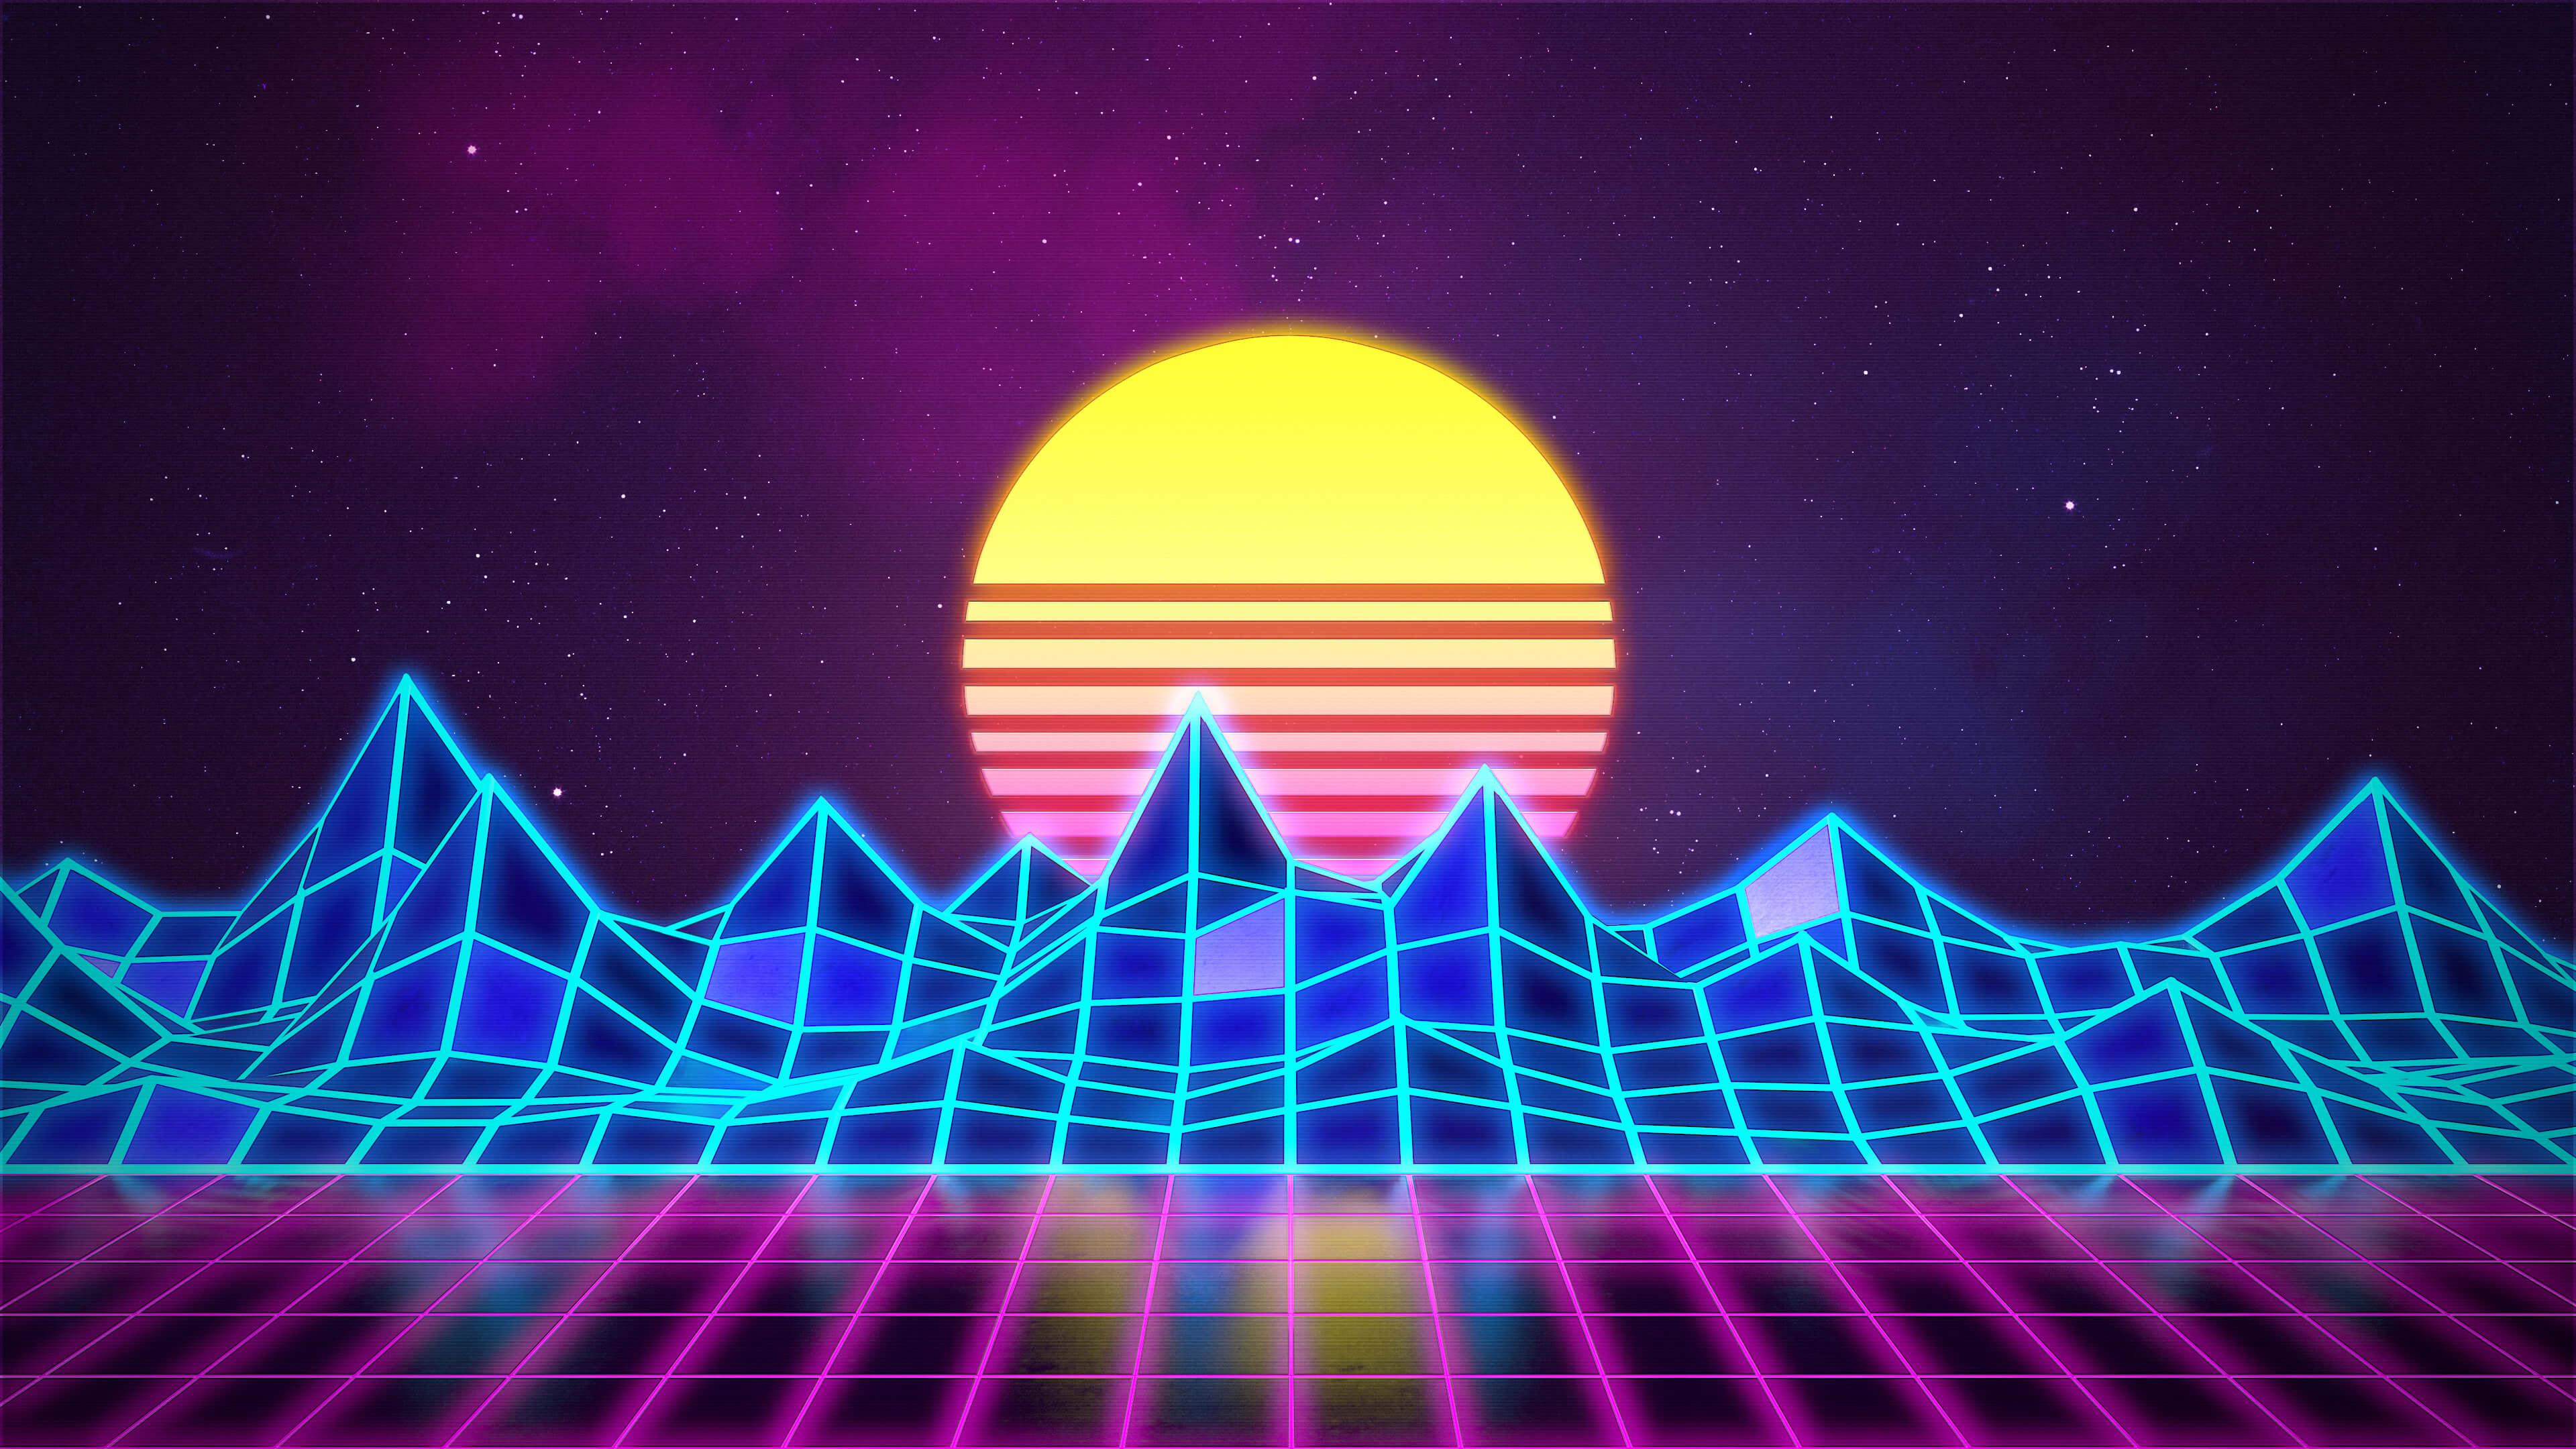 Synthwave - Neon 80s - Background - Render Revamp by Rafael-De-Jongh